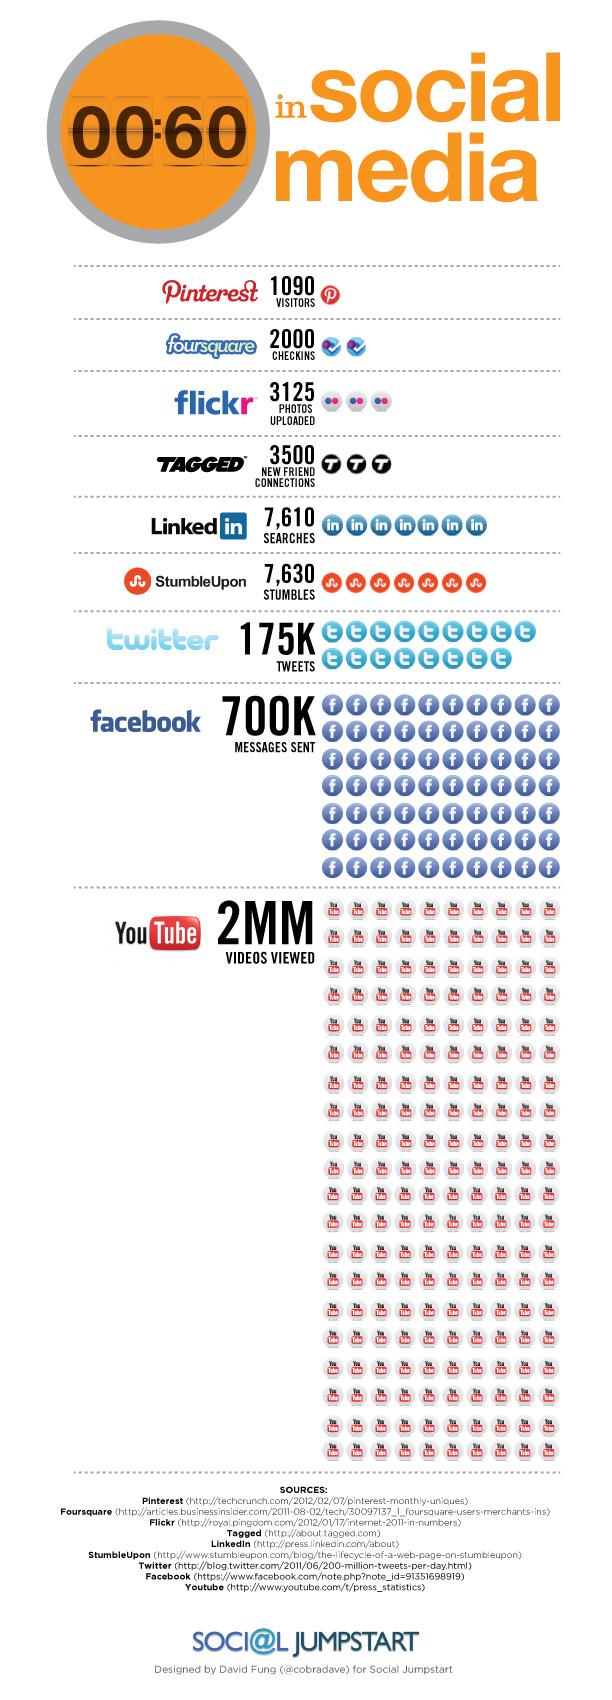 Ce se întâmplă în social media în 60 de secunde